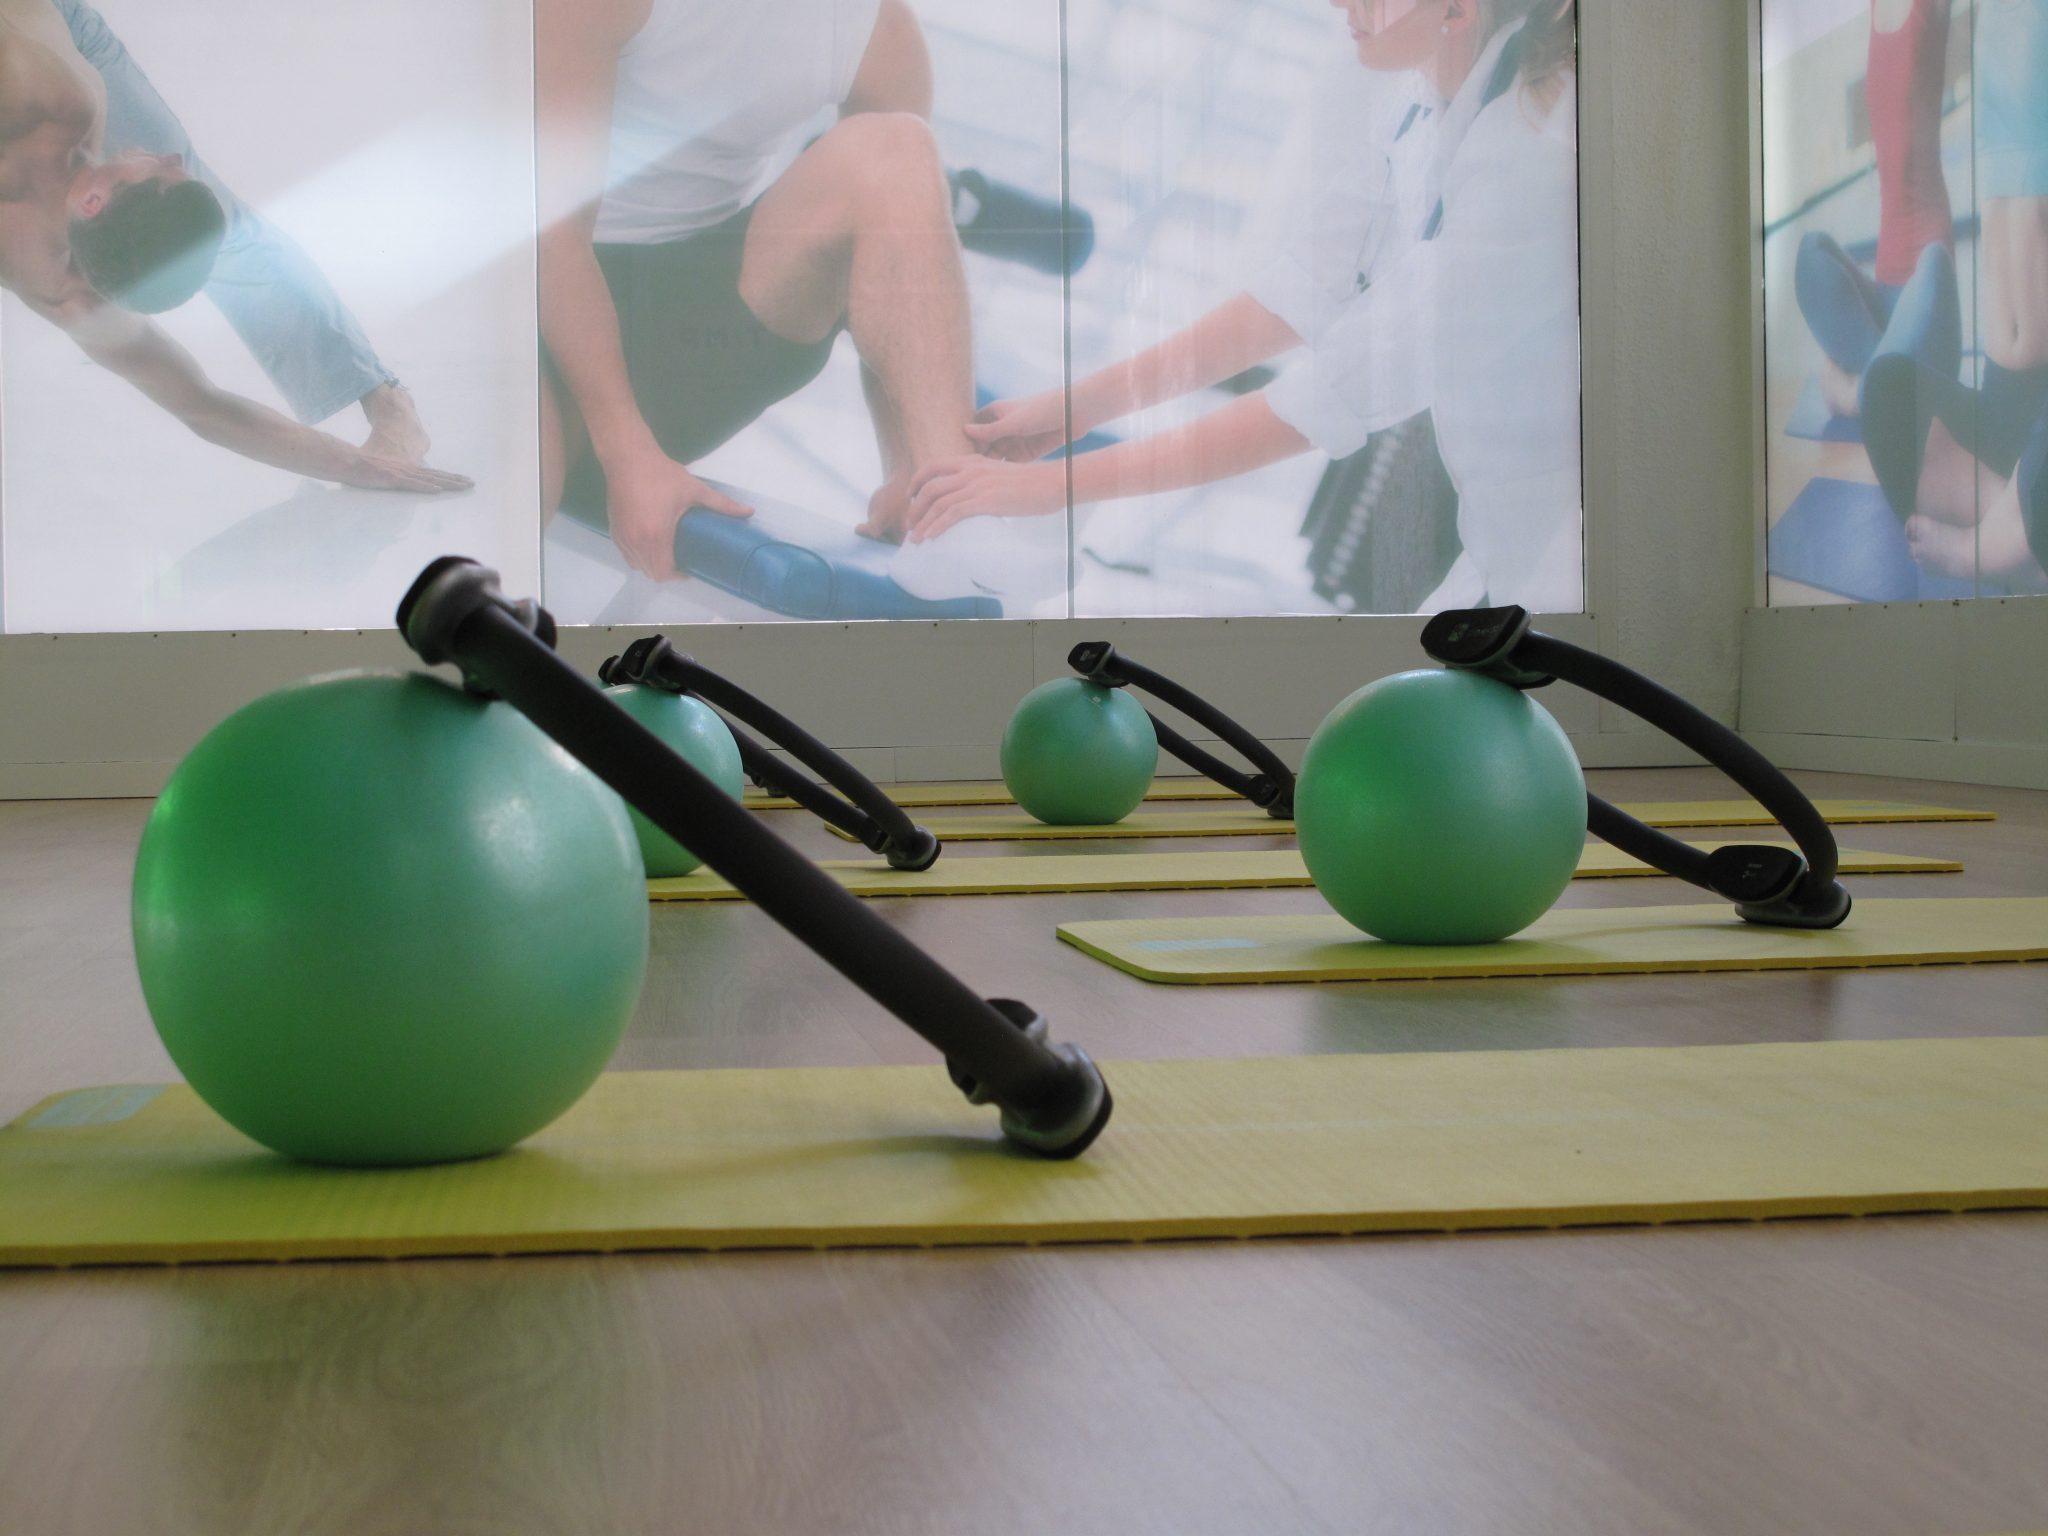 pilates terapeutico clinica sala rehabilitacion